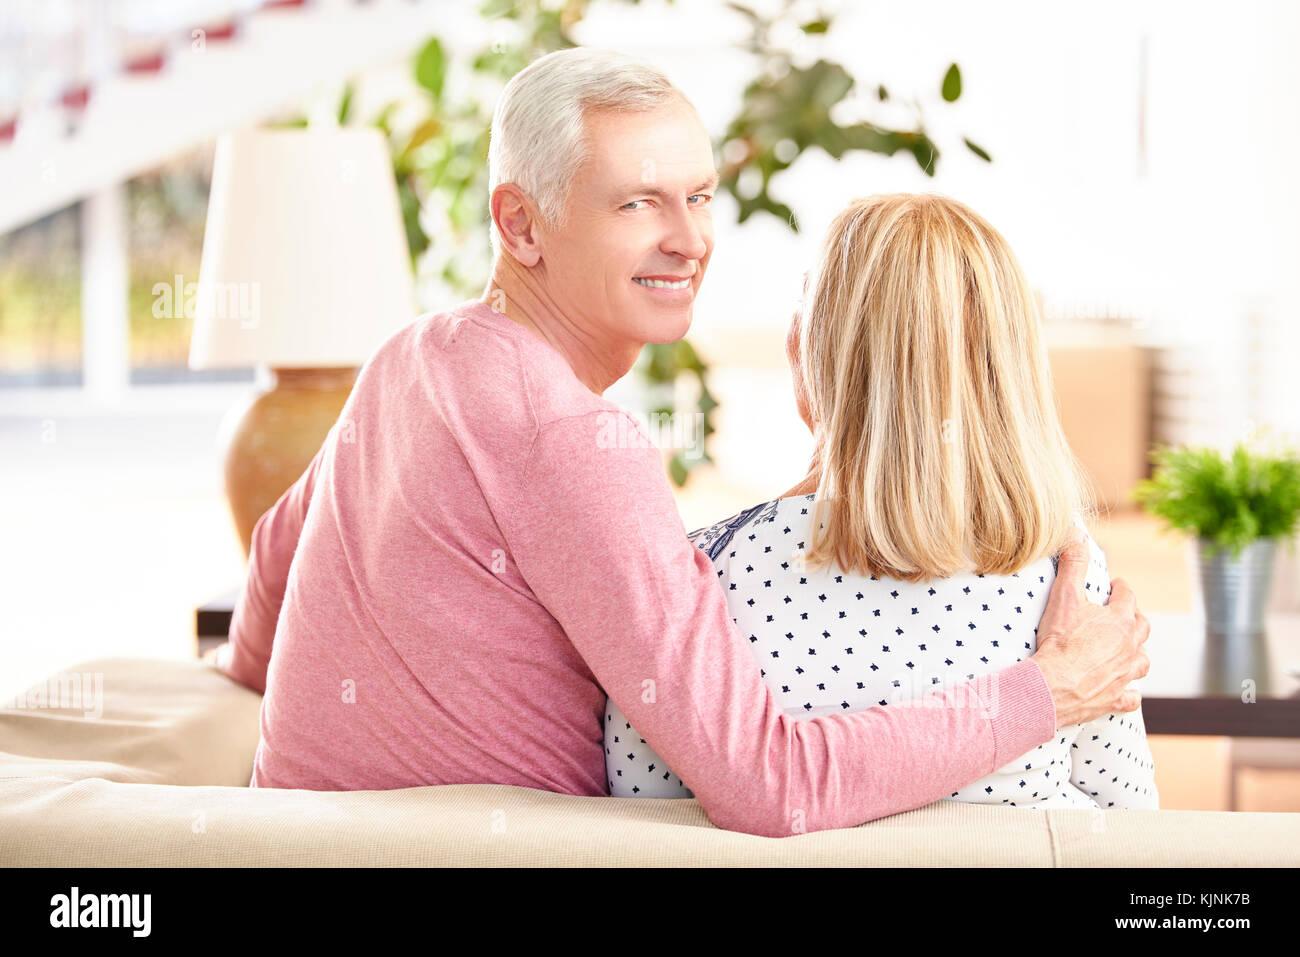 Vue arrière Vue d'un senior couple sitting on sofa at home alors qu'un homme âgé à l'arrière et de sourire. Banque D'Images